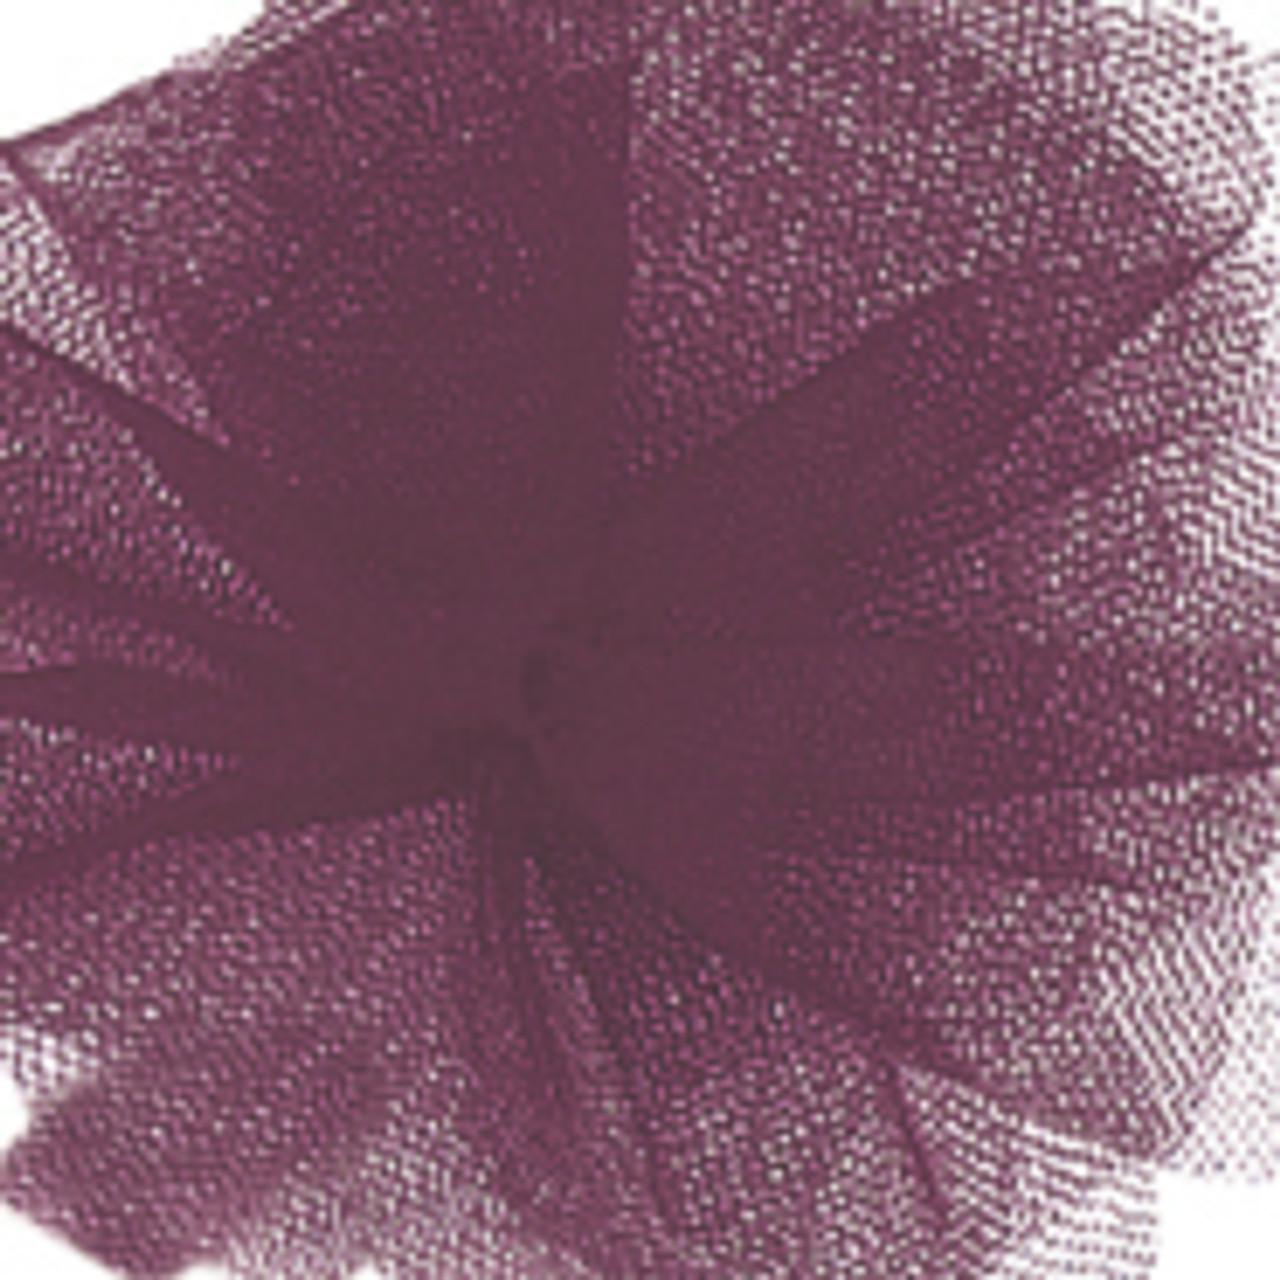 Solid Tulle Fabric - Aubergine